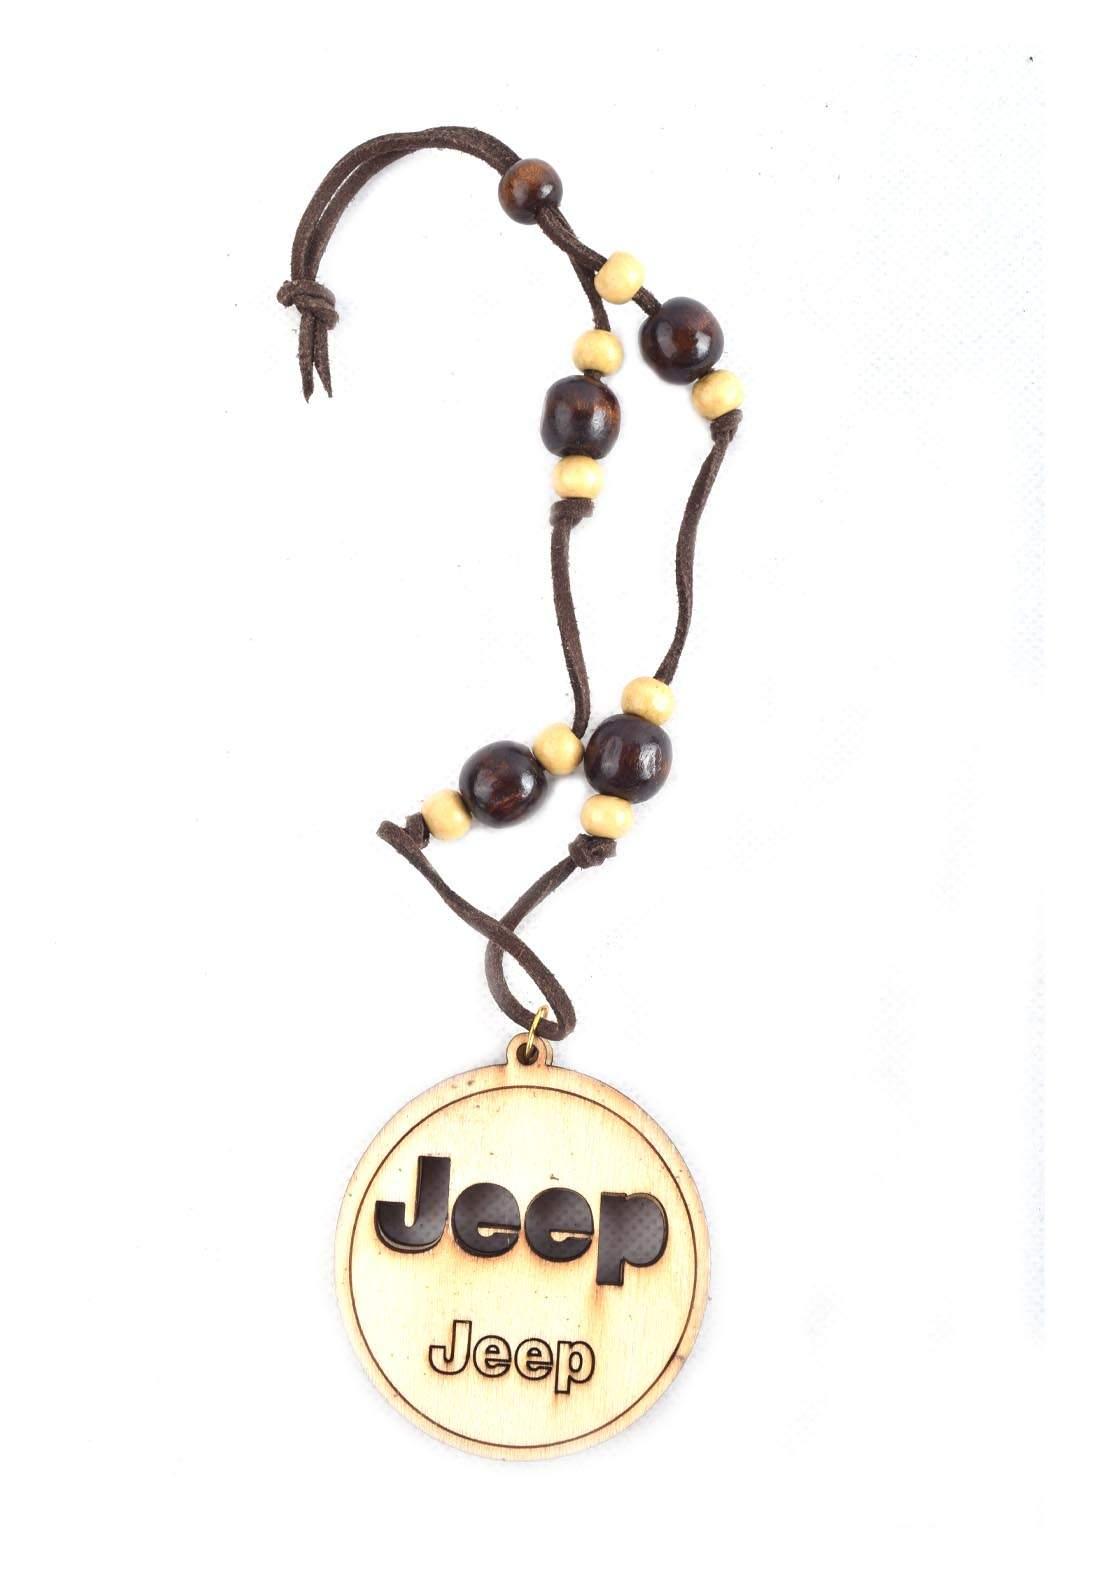 Car Medal - Jeep تعليقة مرآة السيارة